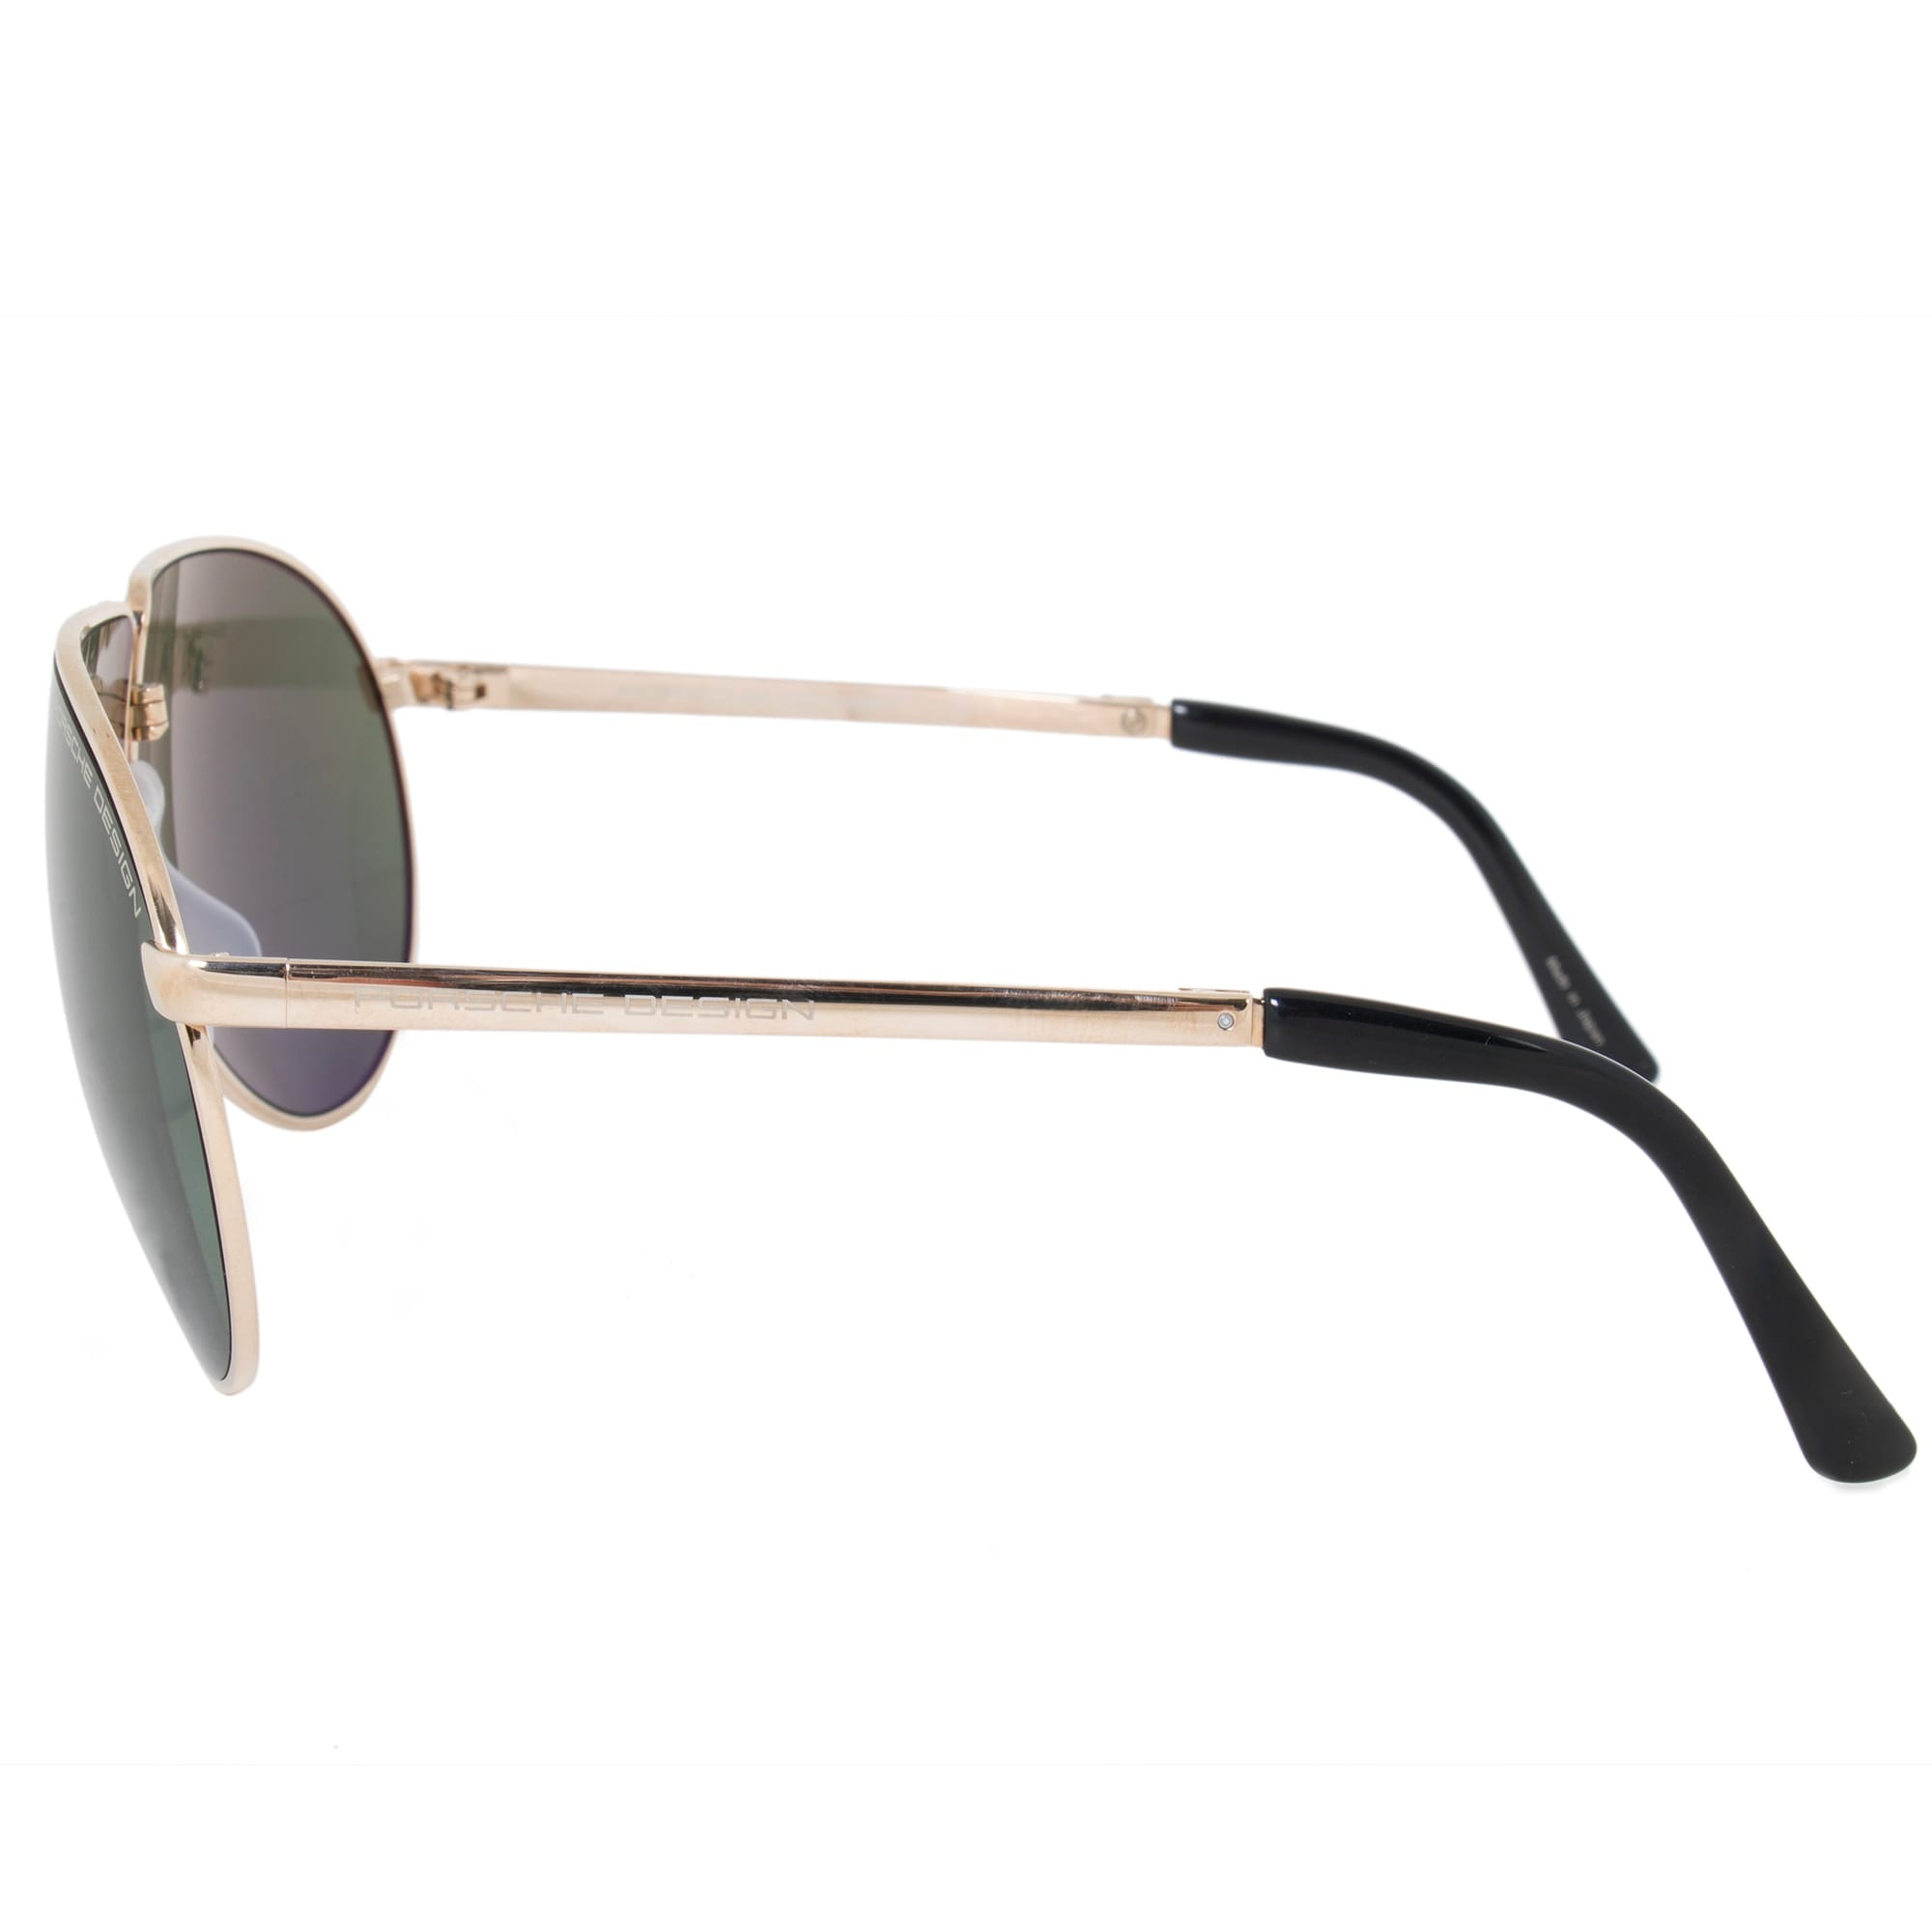 9abf17d81202 Shop Porsche Design Design Heritage P8480 A 66 Unbreakable Foldable  Sunglasses for Men